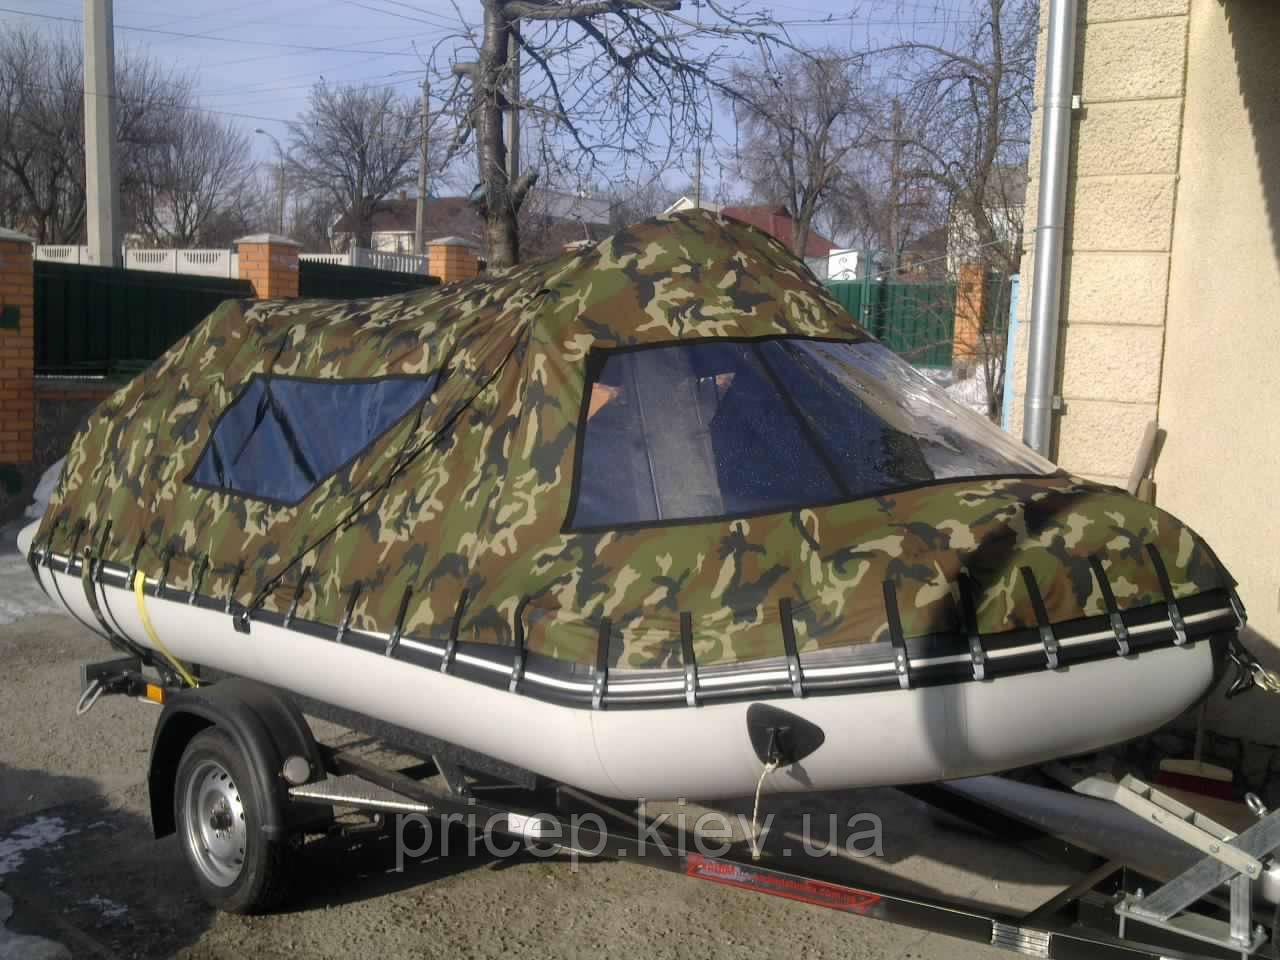 Прицеп для надувной лодки.